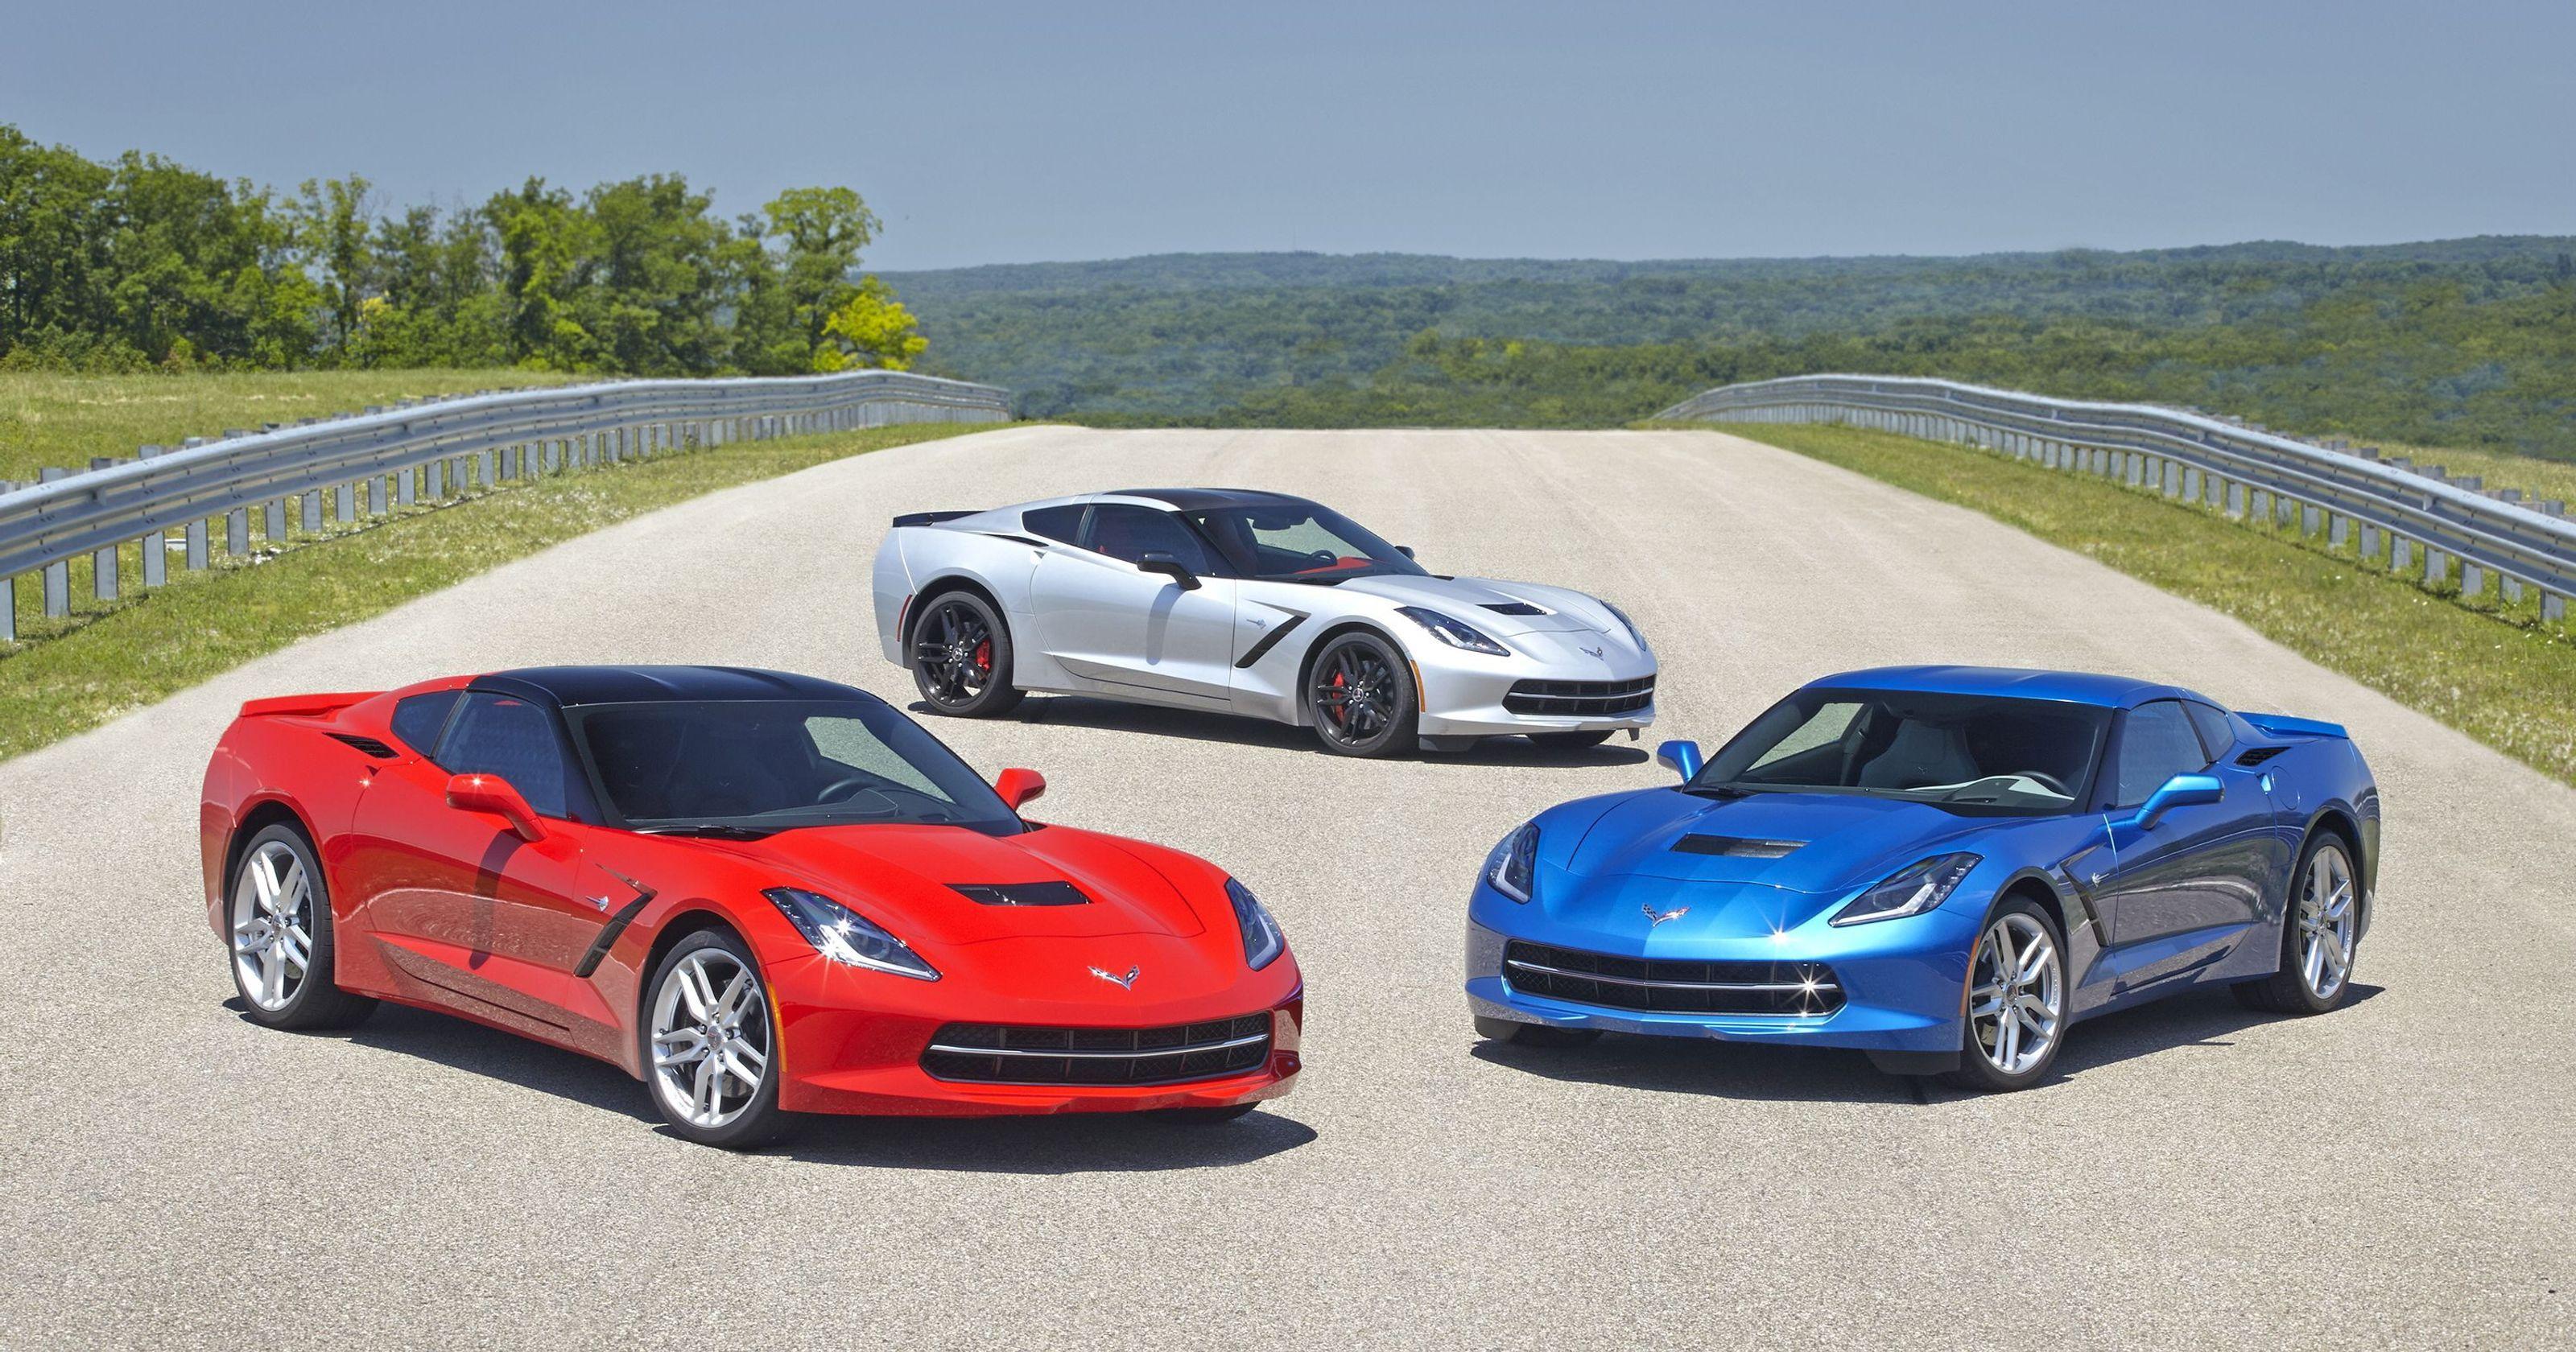 Tim Short Ford >> Elegant Tim Short Ford Used Cars Chevrolet Corvette